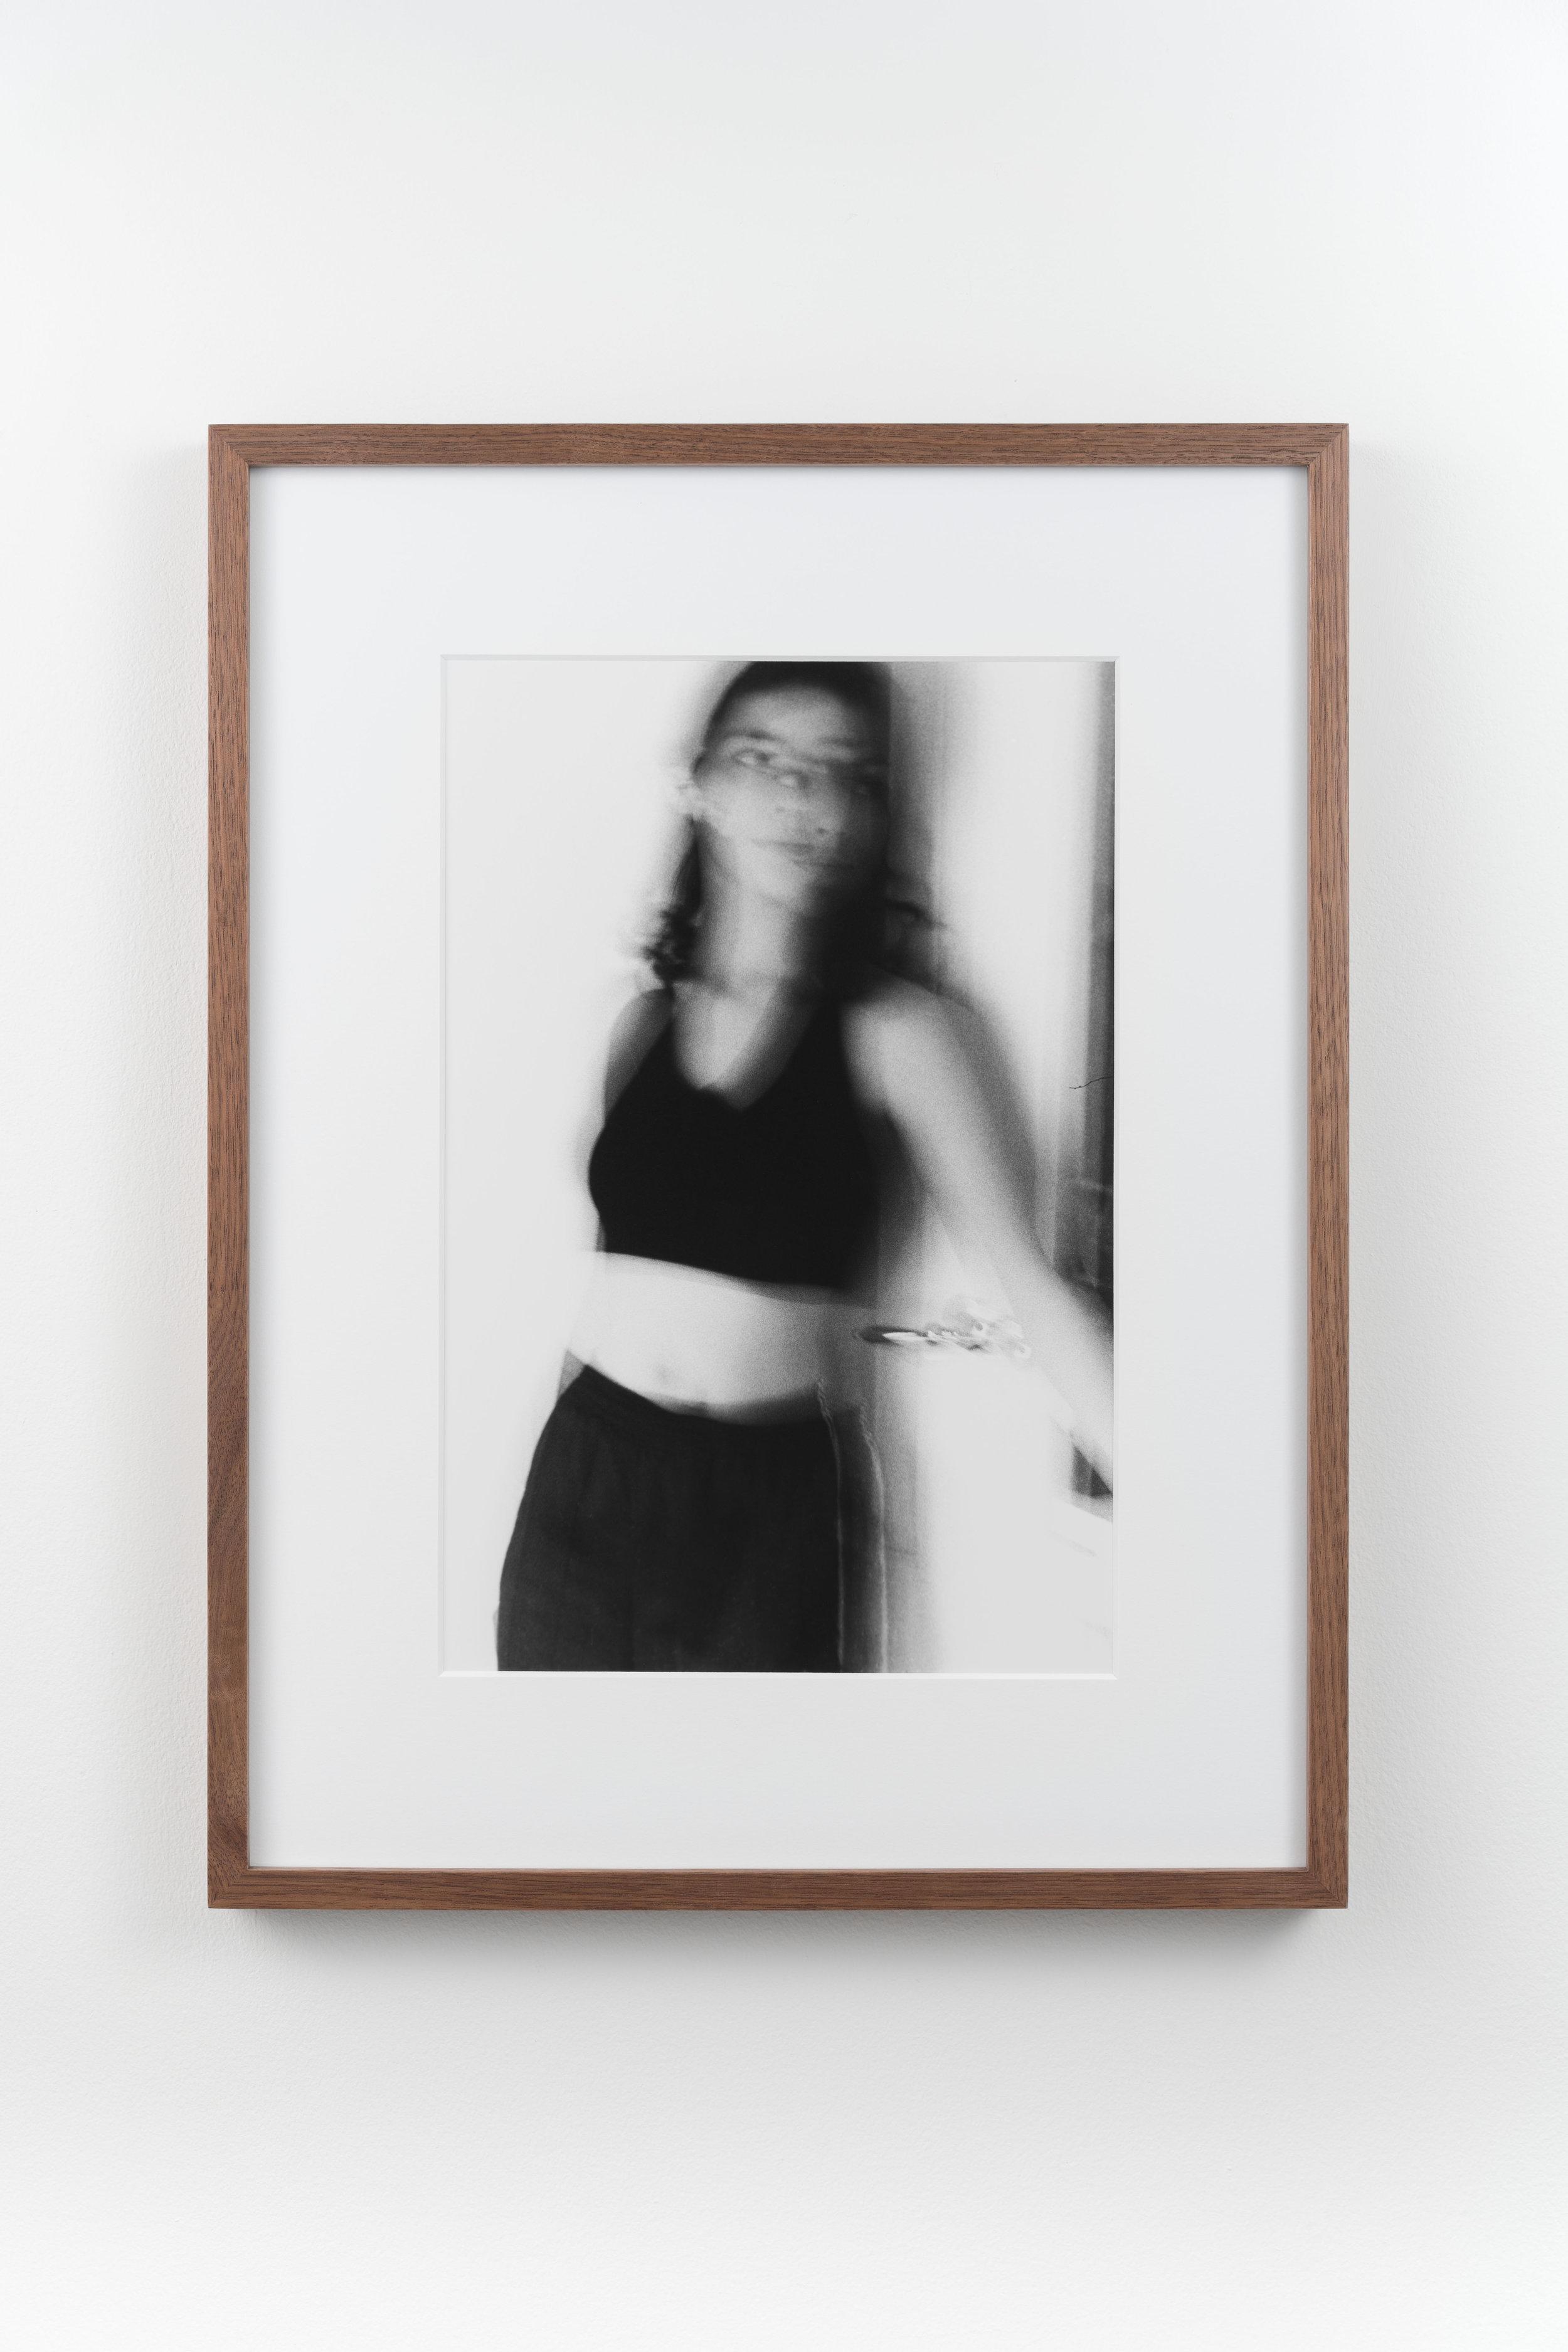 Siggie 2 , 1996/2018 Hand-printed silver gelatin print 32.8 x 21.8 cm (47.4 x 36.4 cm framed)